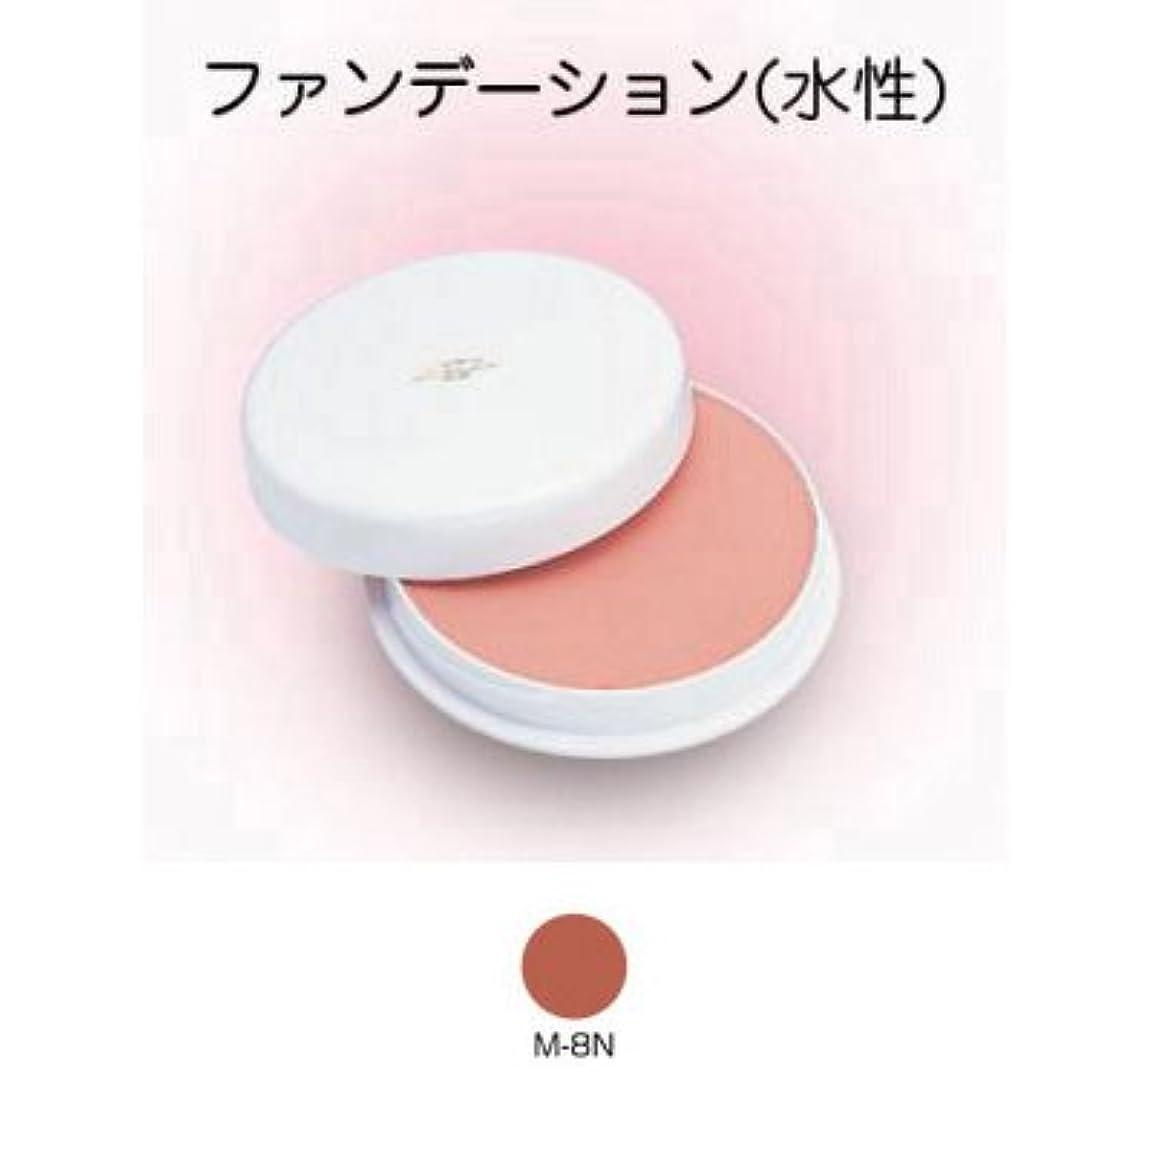 サポートレコーダーコテージフェースケーキ 60g M-8N 【三善】